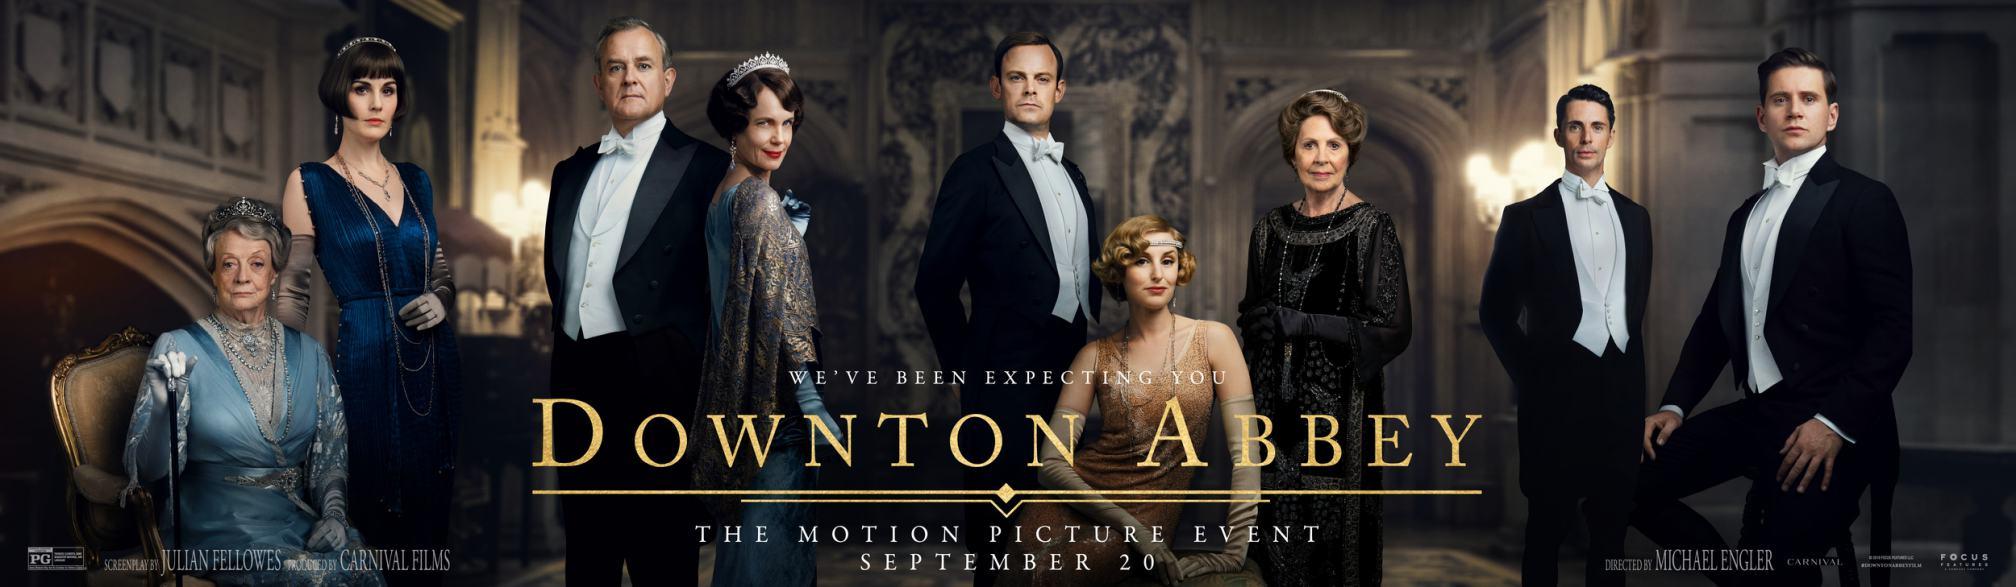 Downton Abbey Poster #2